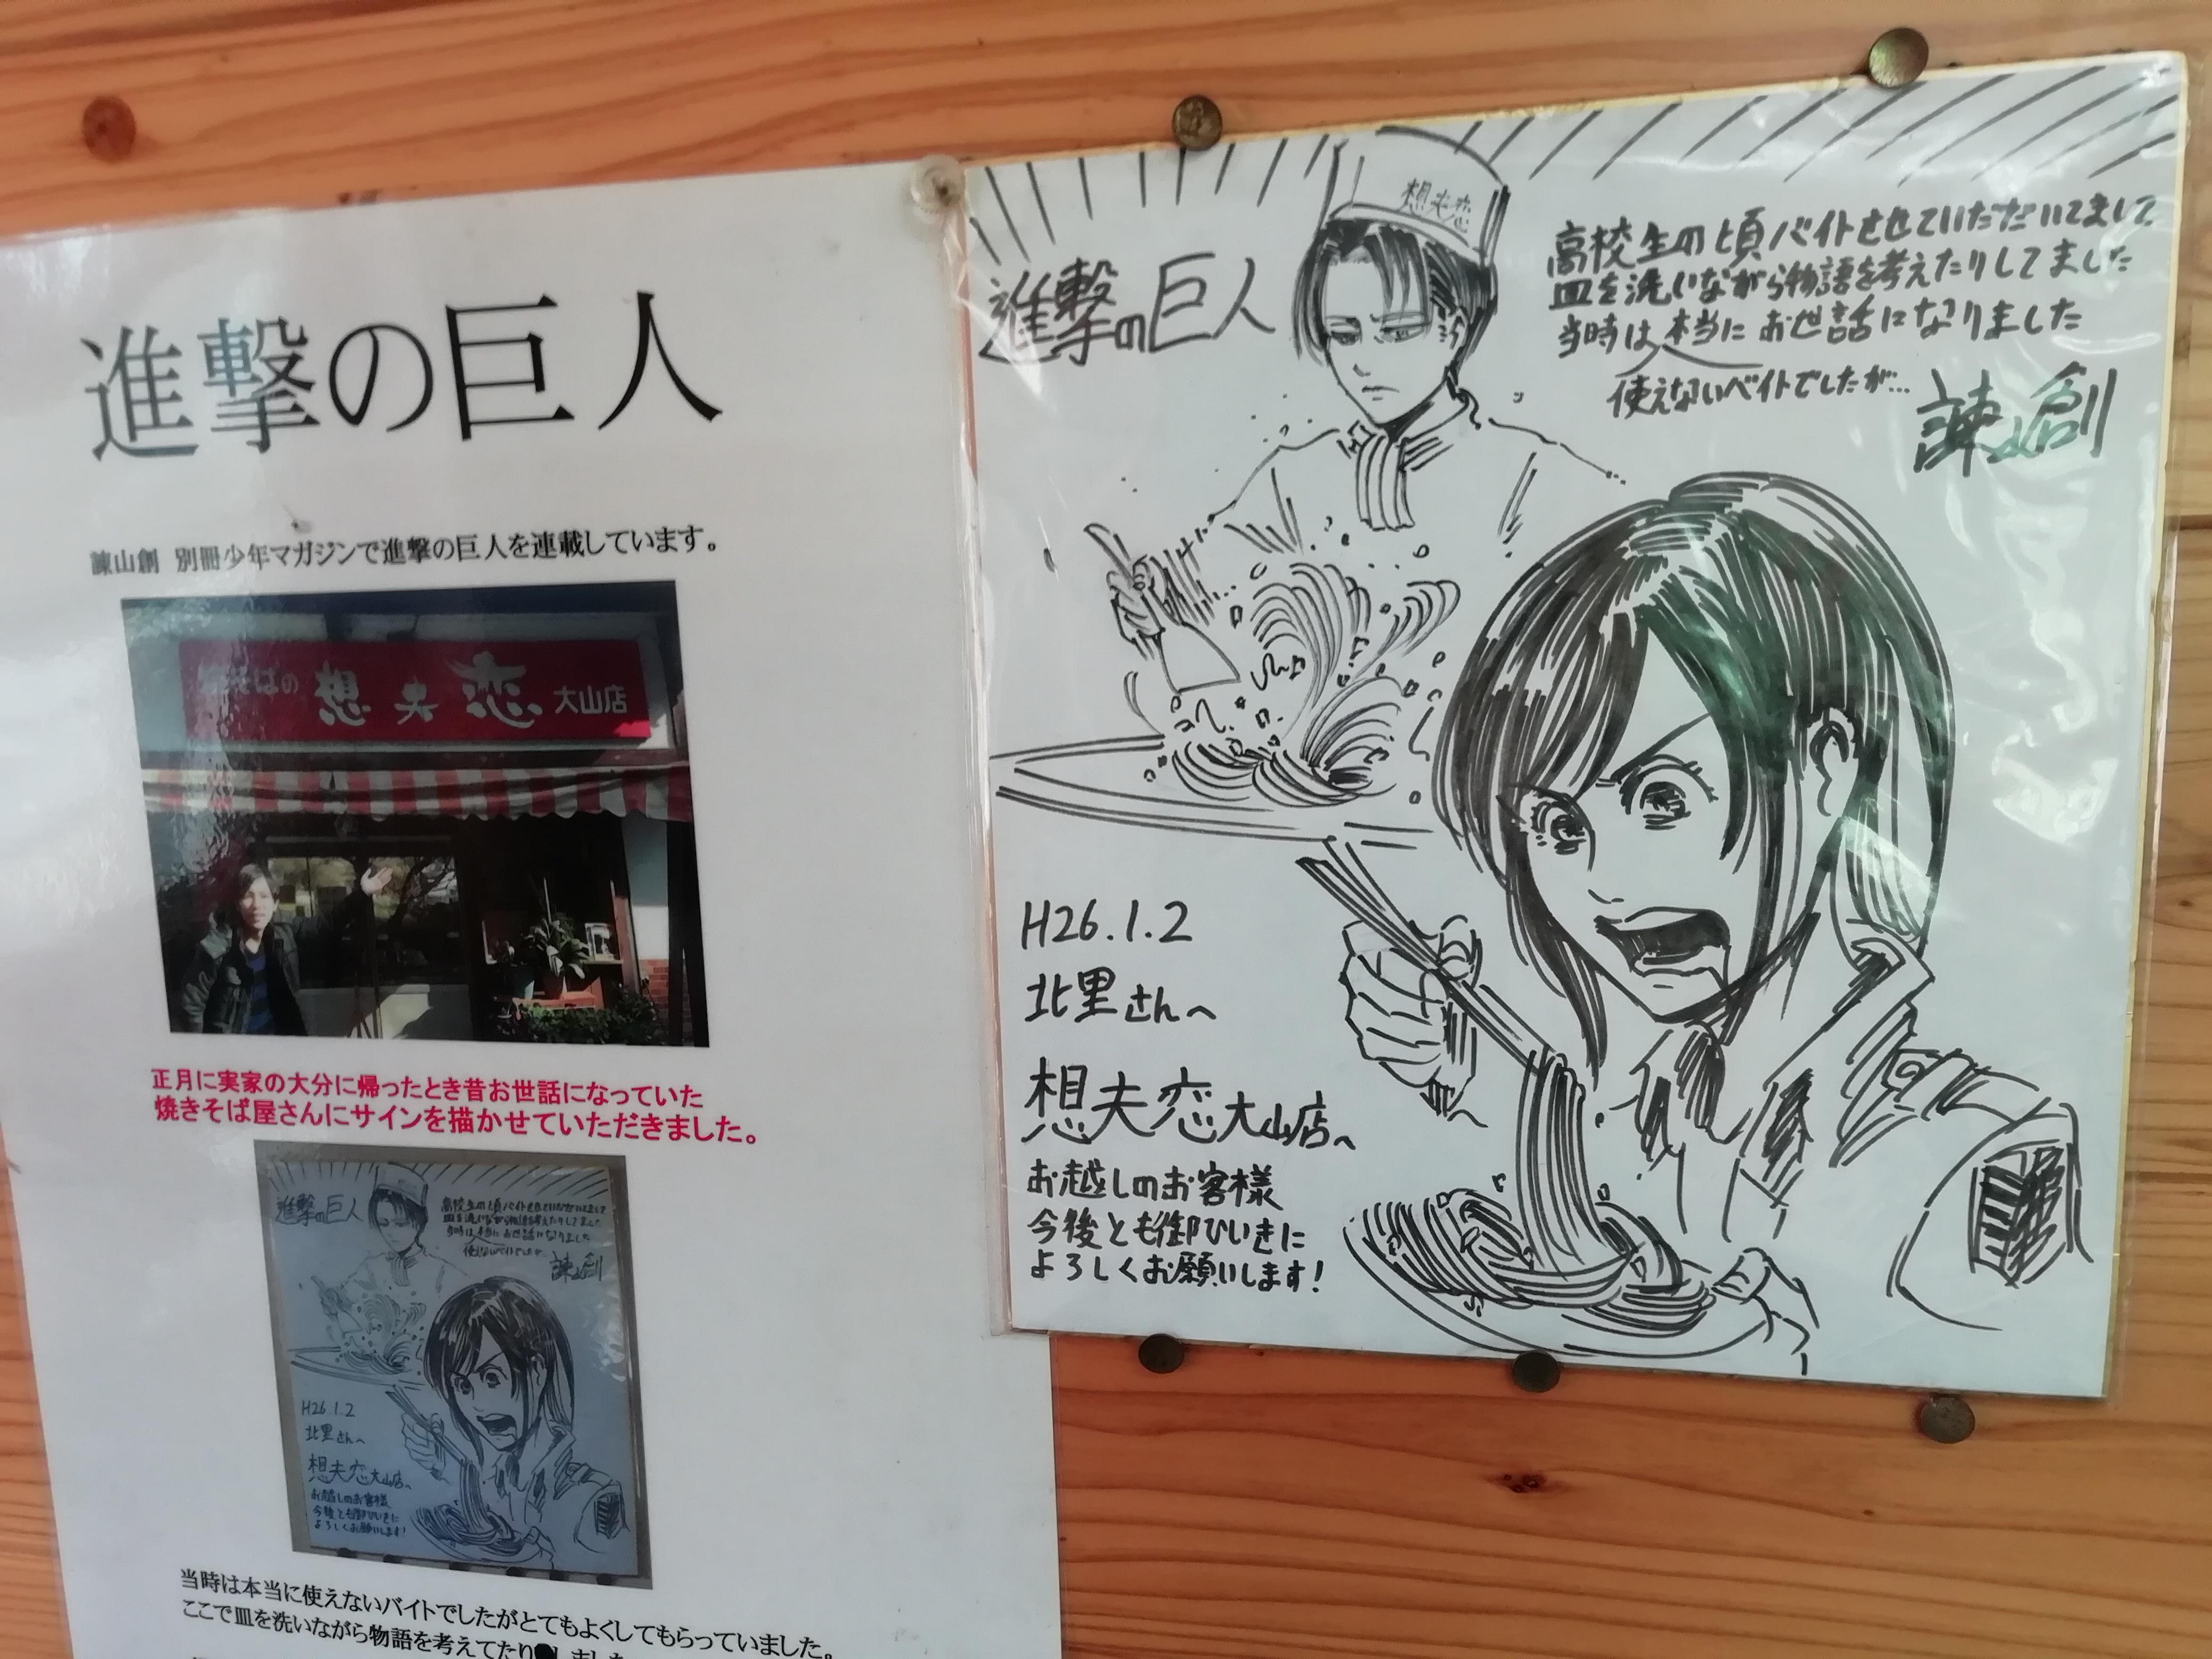 進撃の巨人 サイン色紙 想夫恋 大山店